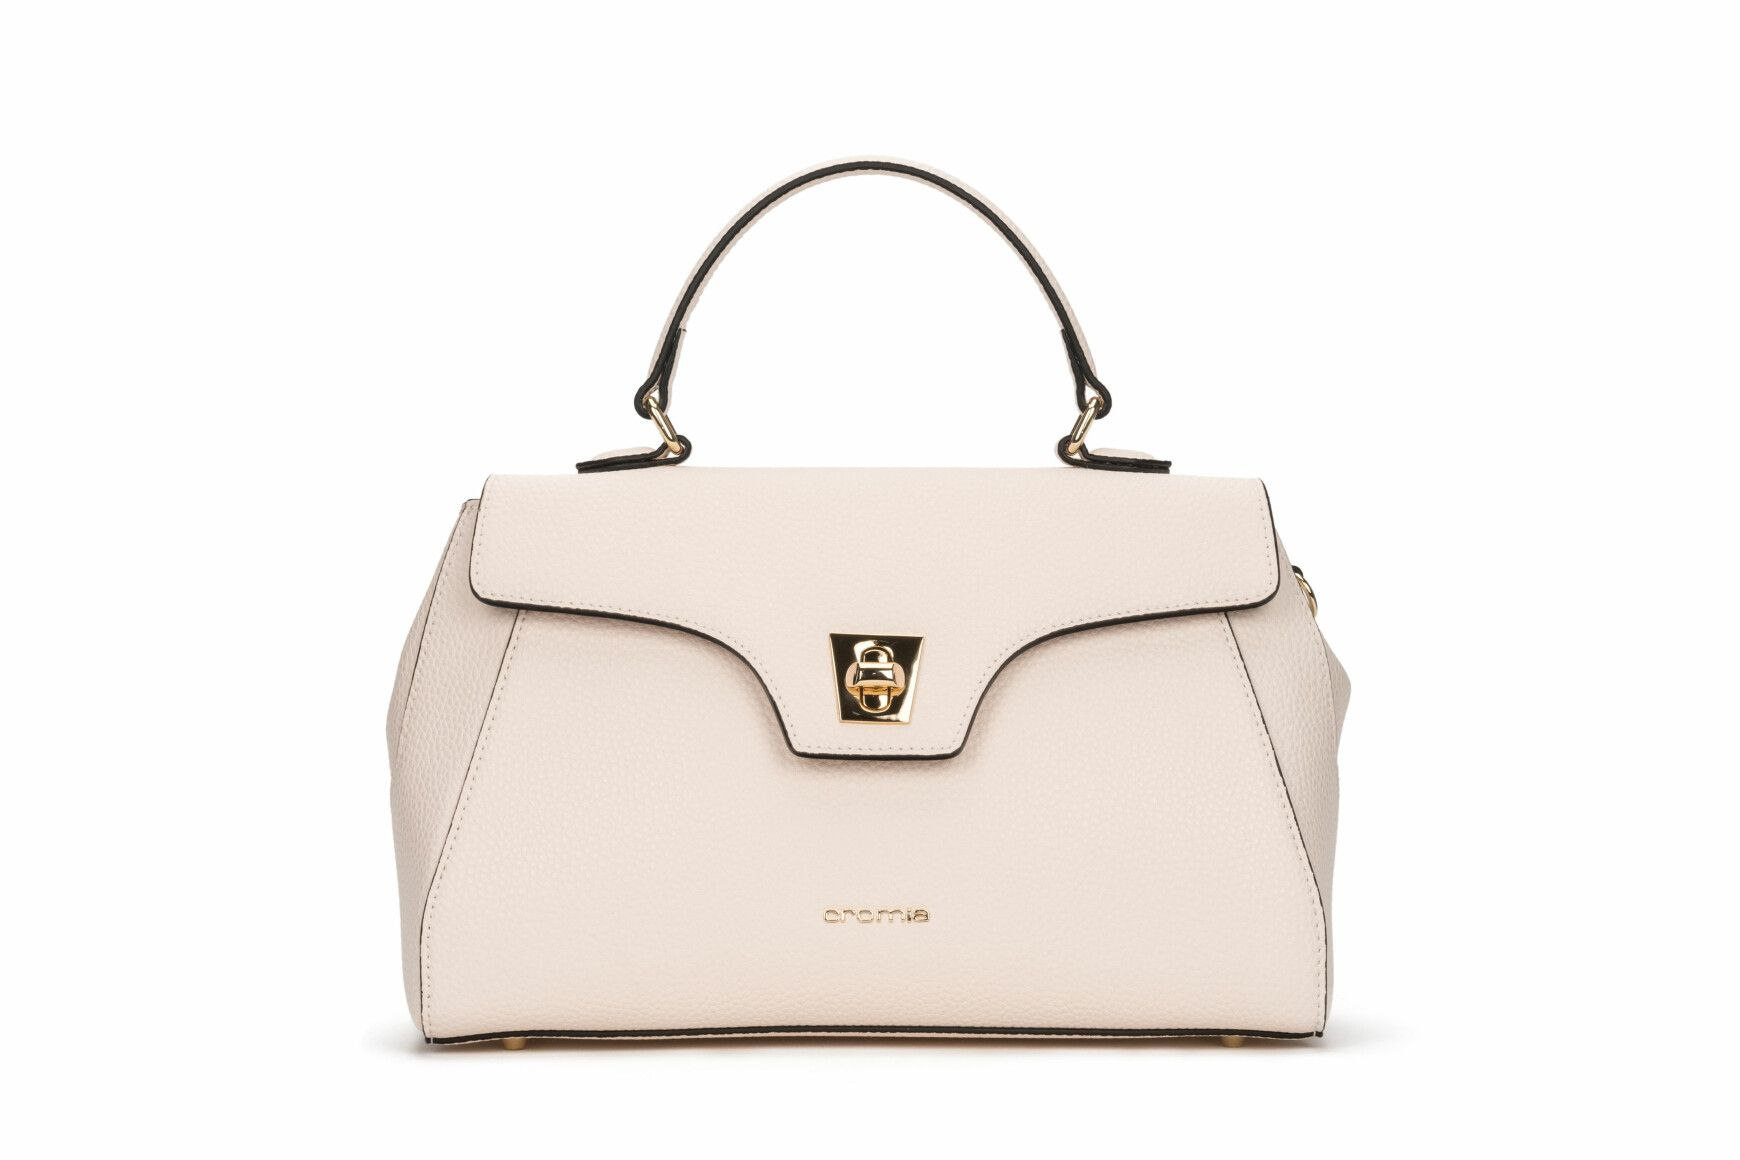 240fae957201 Купить сумку из из гладкой телячьей кожи Mina Cromia Украина - Estro